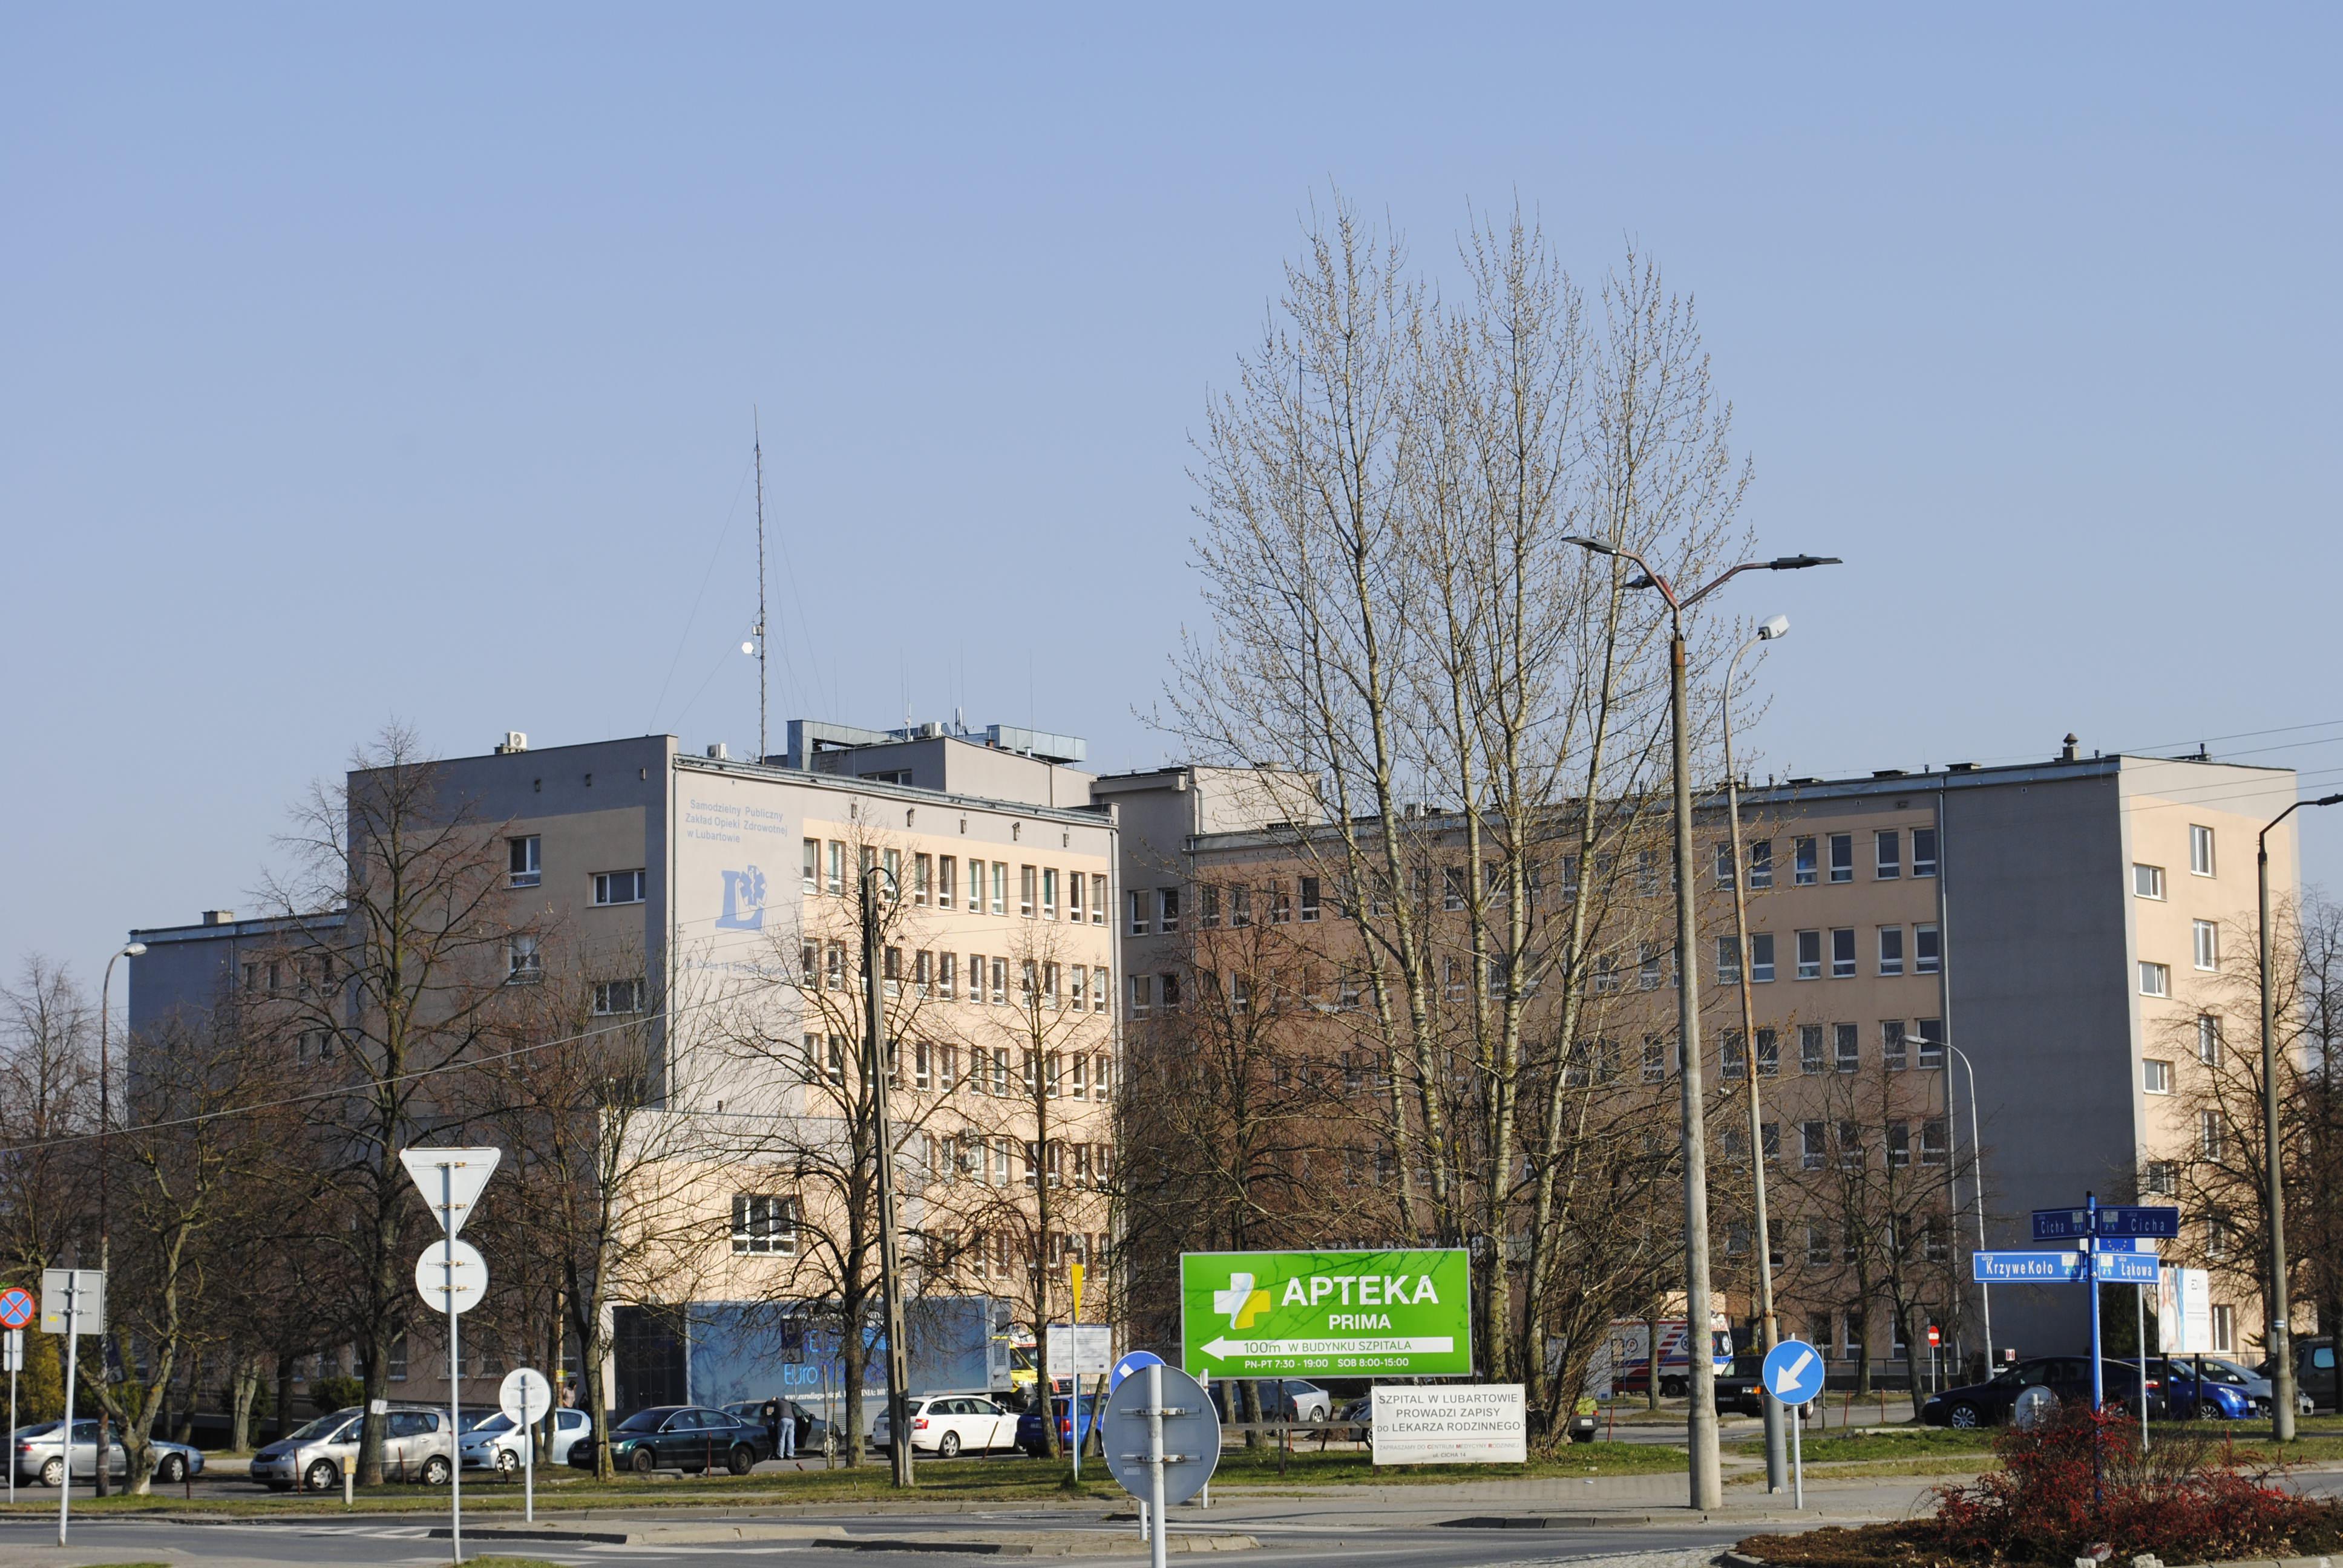 W lubartowskim szpitalu wrze. Kolejne zwolnienia. Salowe na skardze w starostwie - Zdjęcie główne